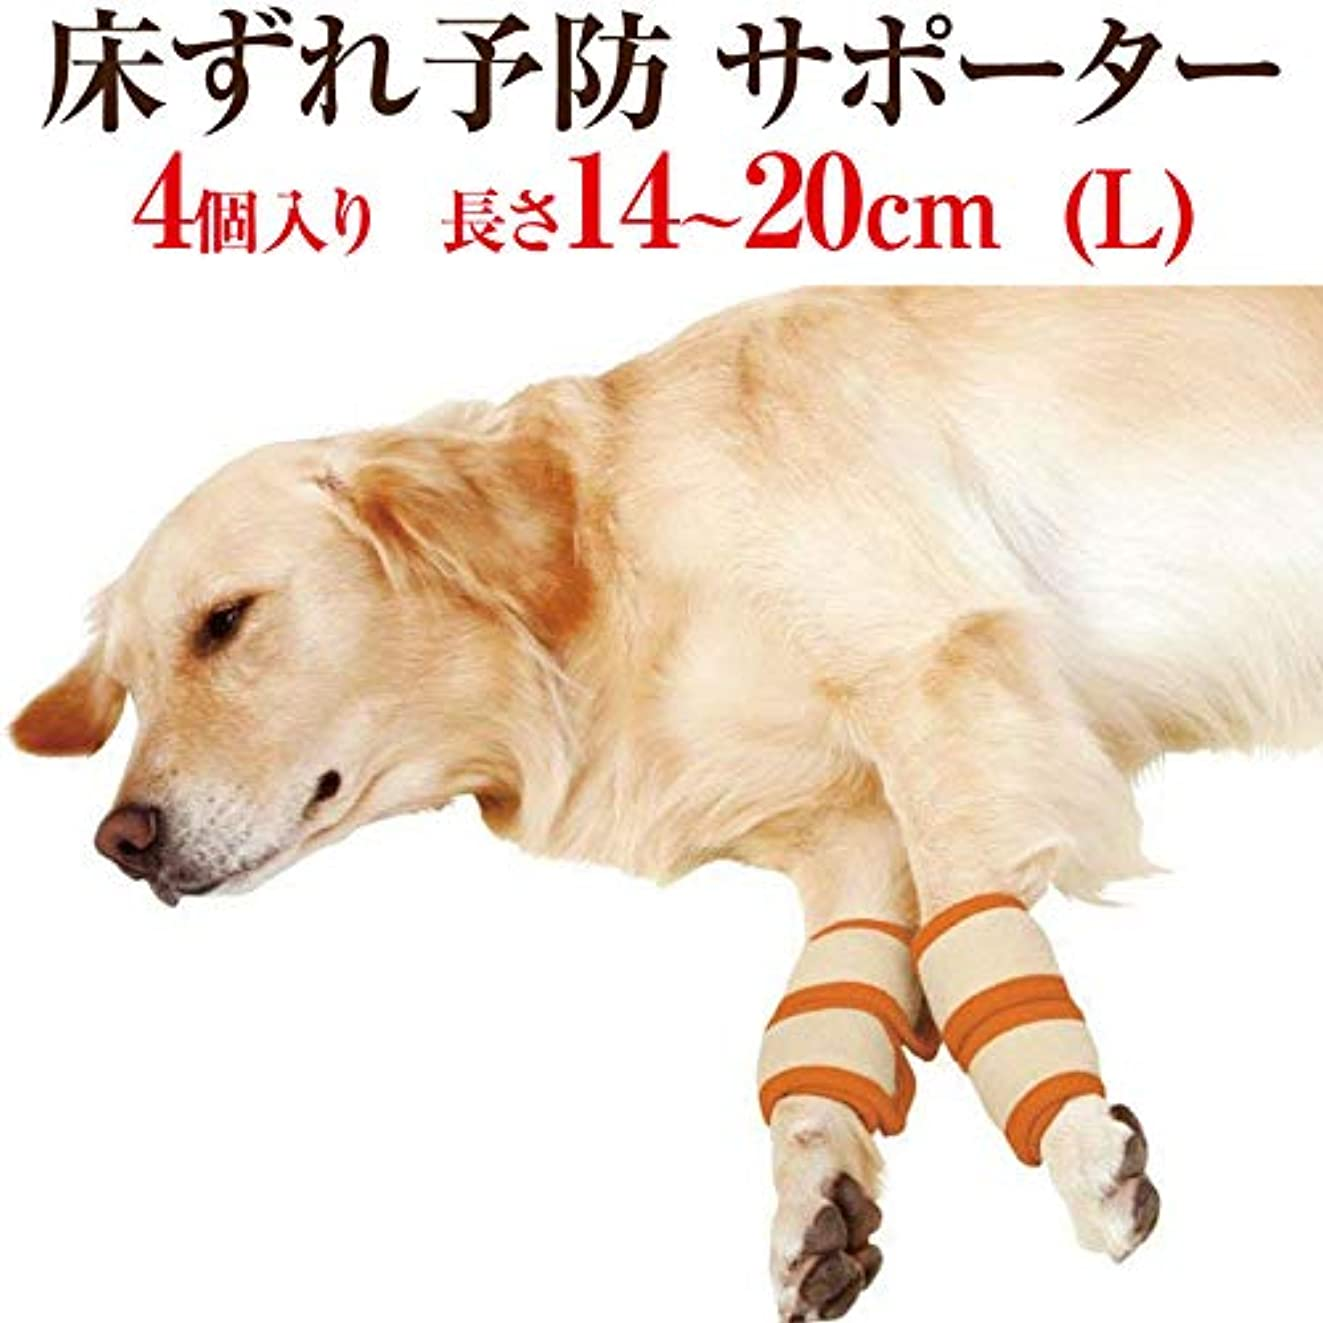 是正家具パーク犬の床ずれ予防(床ずれ)サポーター L 4個入(高齢犬 シニア 老犬 対応)